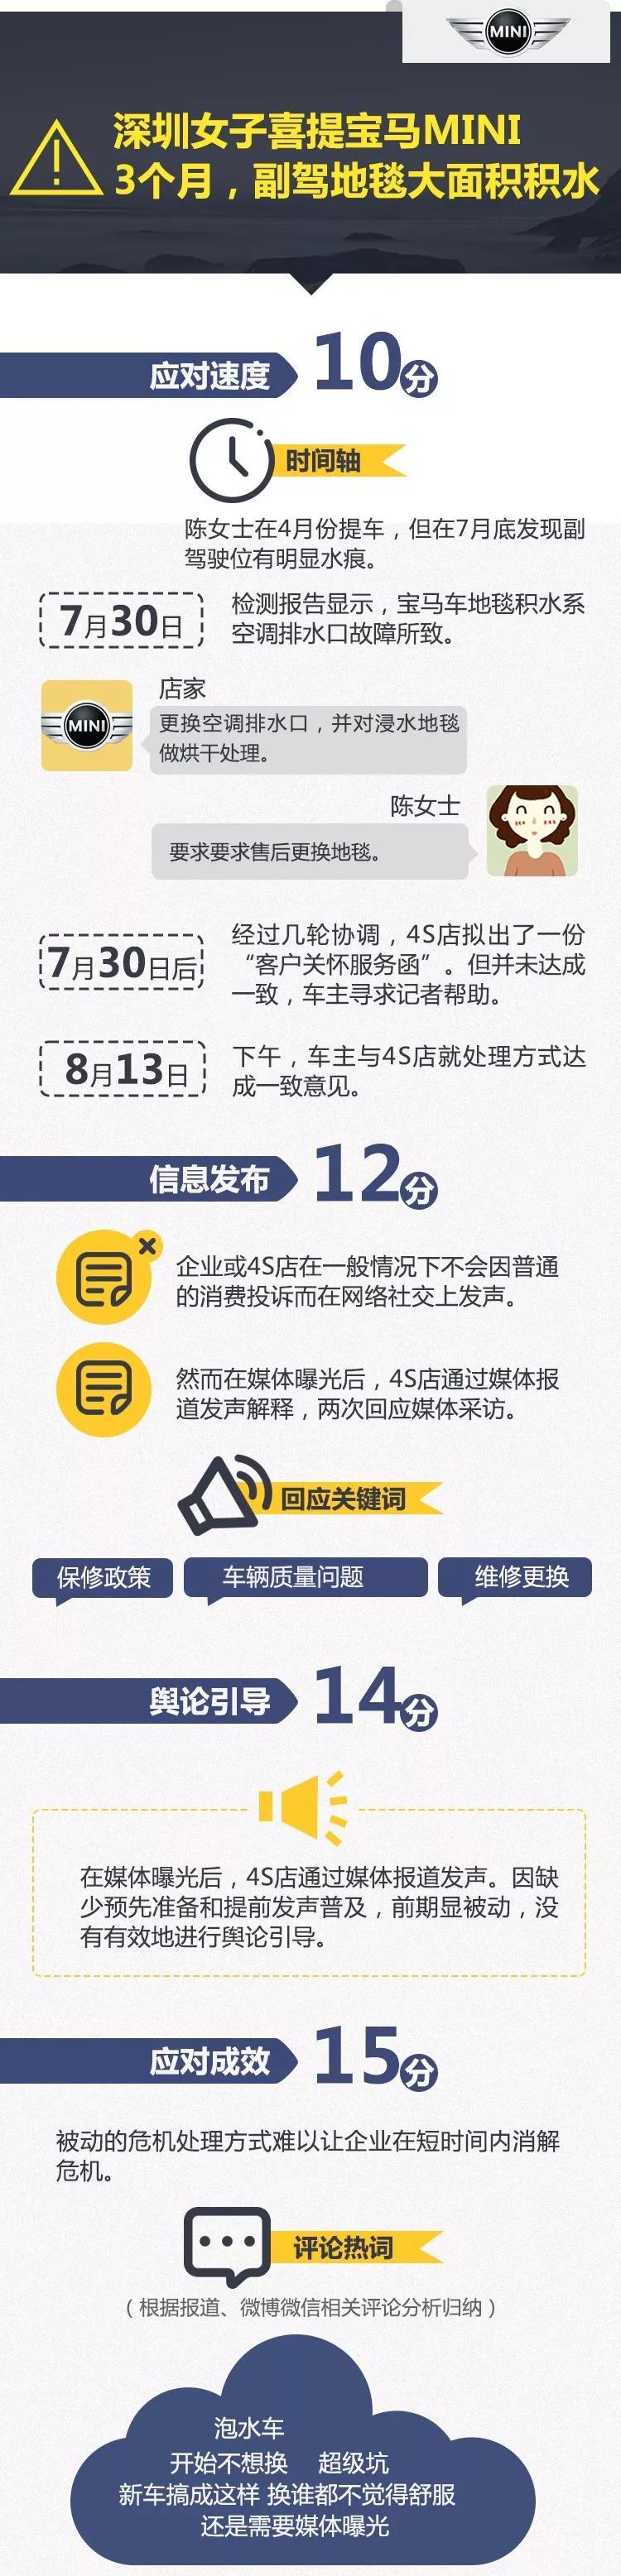 多段视频疯传,深圳连曝外卖小哥被围殴事件,为何网络舆论一边倒?